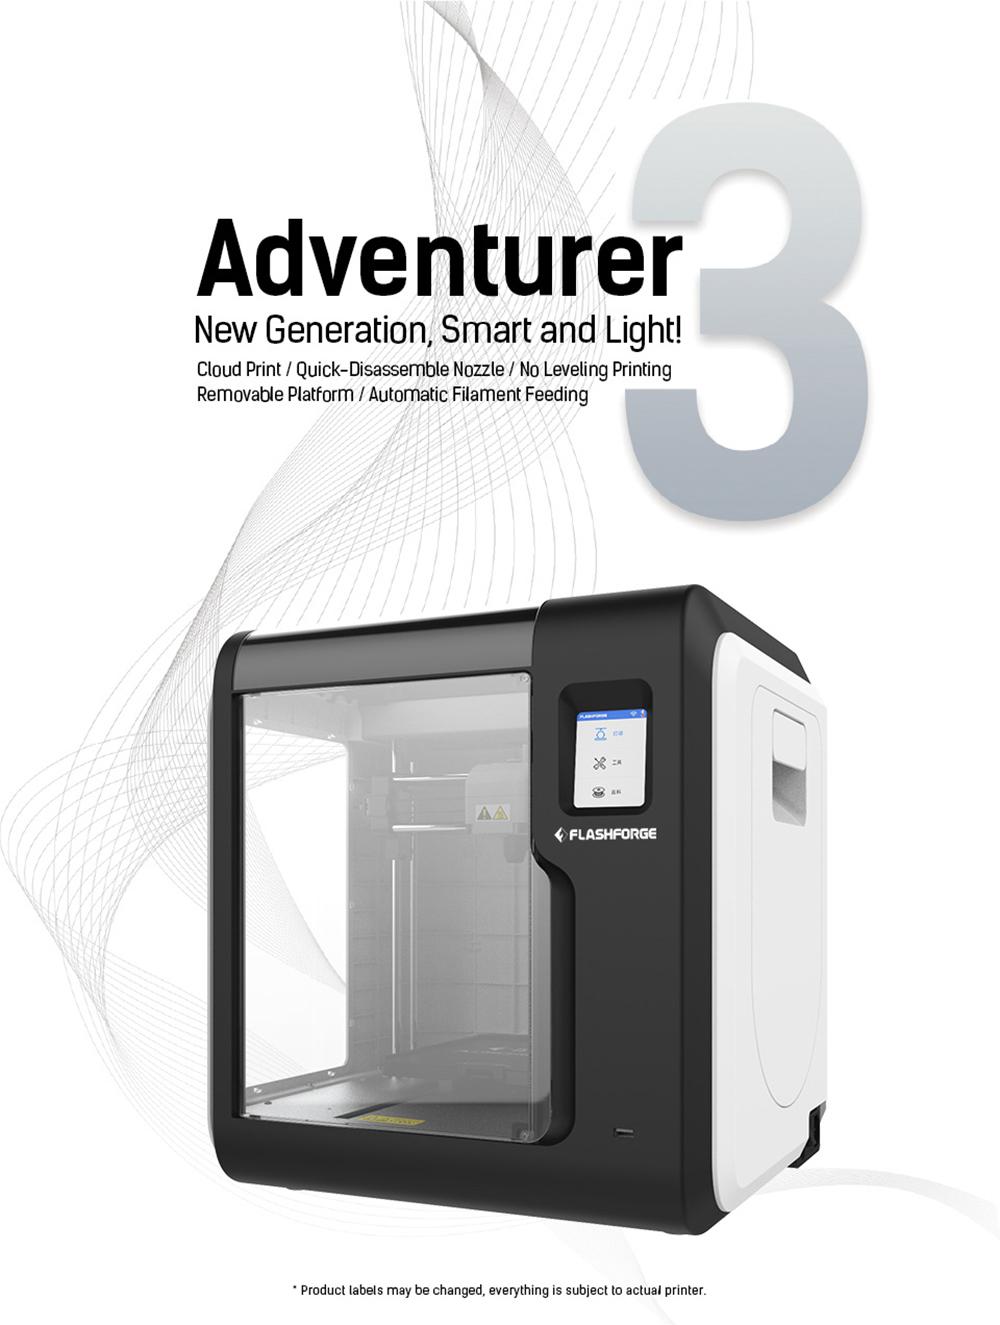 Flashforge Adventurer 3 3D-Drucker - 150x150x150mm - Neue Generation